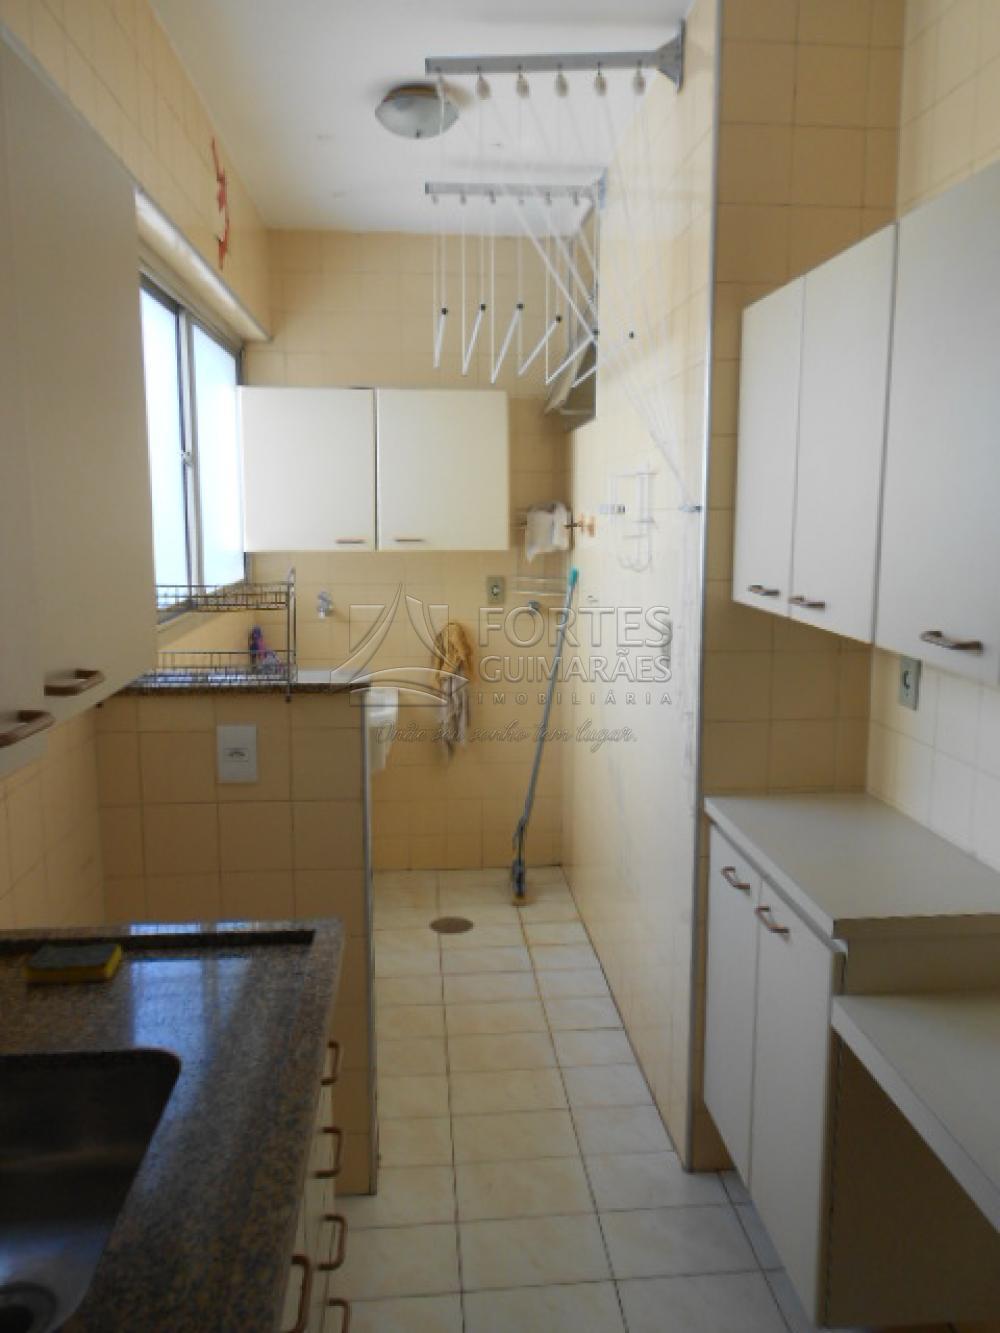 Alugar Apartamentos / Padrão em Ribeirão Preto apenas R$ 750,00 - Foto 20